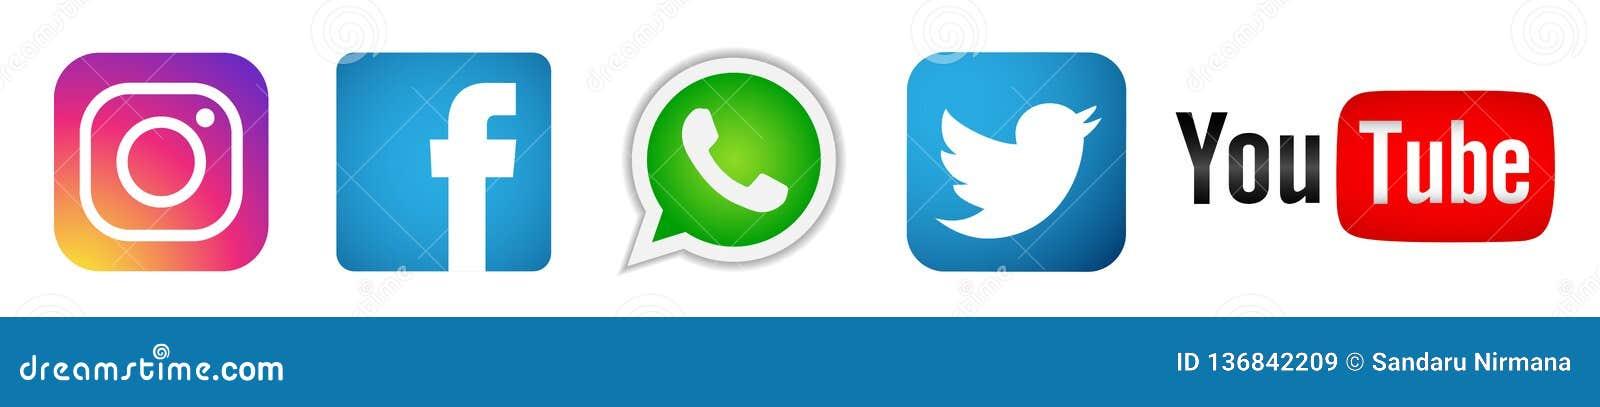 Metta del vettore sociale popolare dell elemento di Instagram Facebook Twitter Youtube WhatsApp delle icone del logos di media su